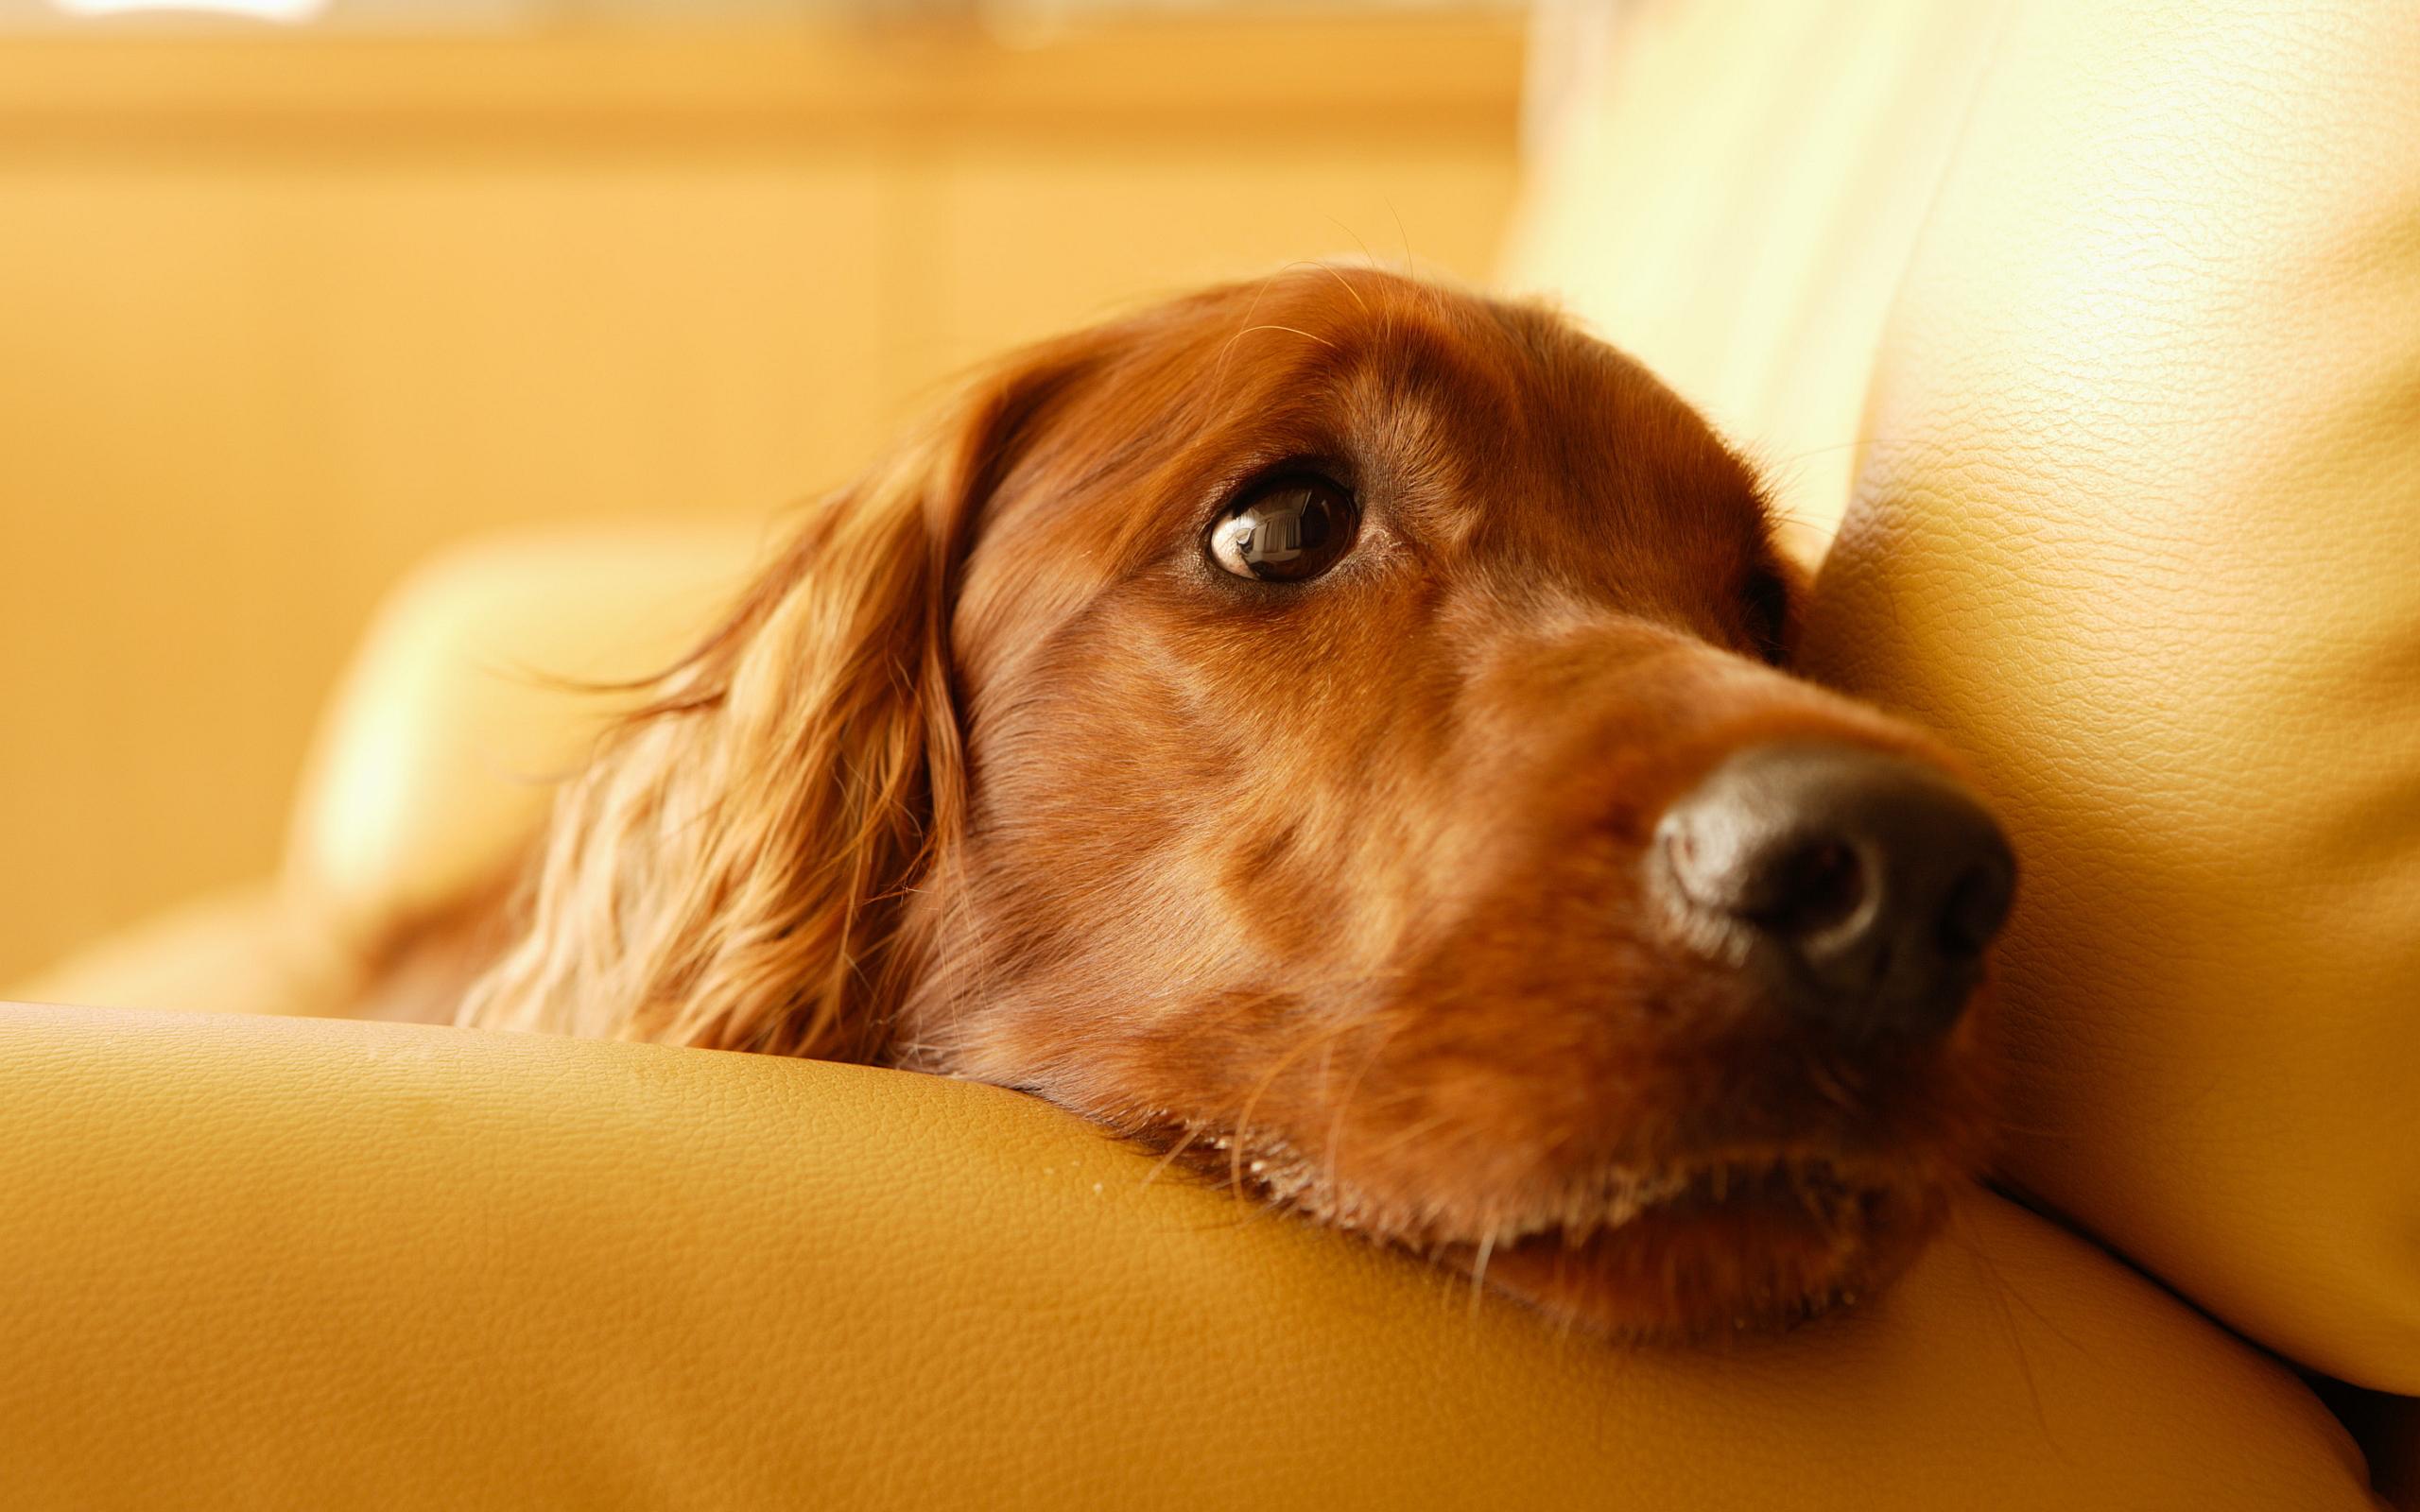 dog wallpaper images